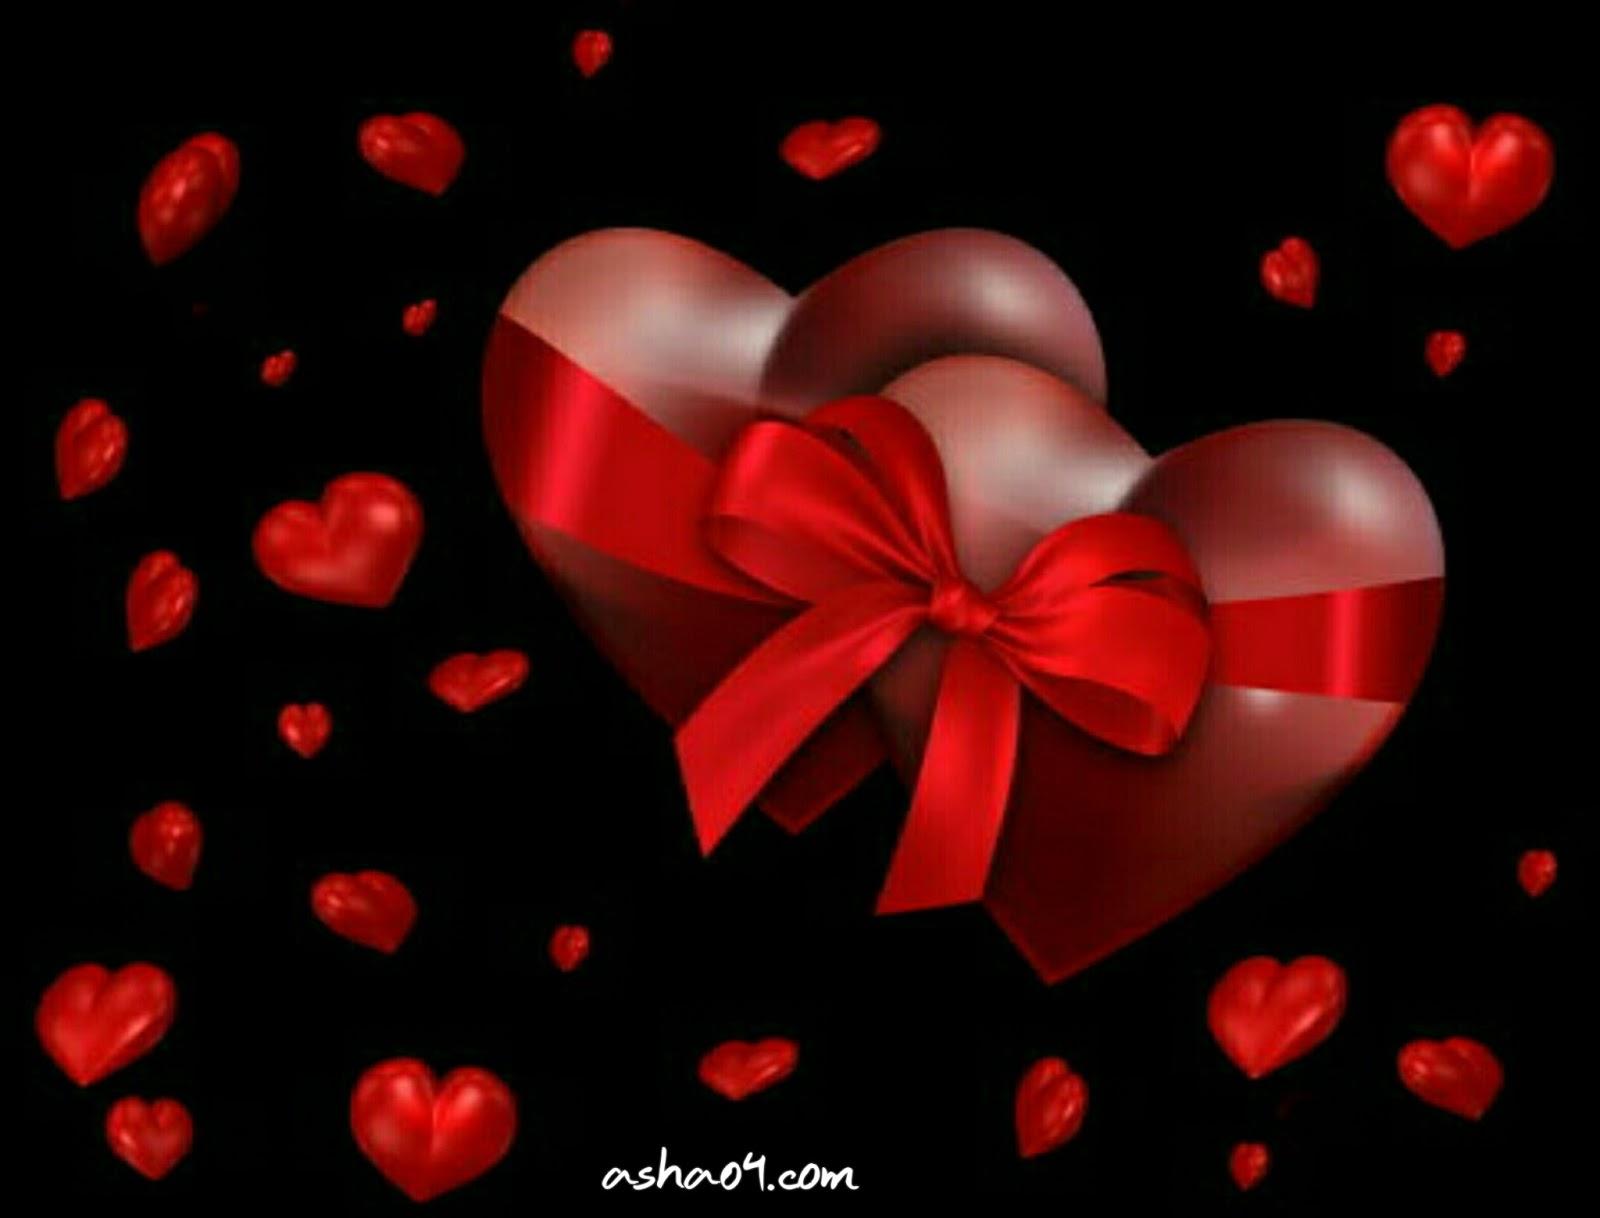 Kumpulan Kata Kata Ucapan Selamat Hari Valentine Terbaru 2019 Untuk Pacar Sahabat Dan Keluarga Asha04 Com